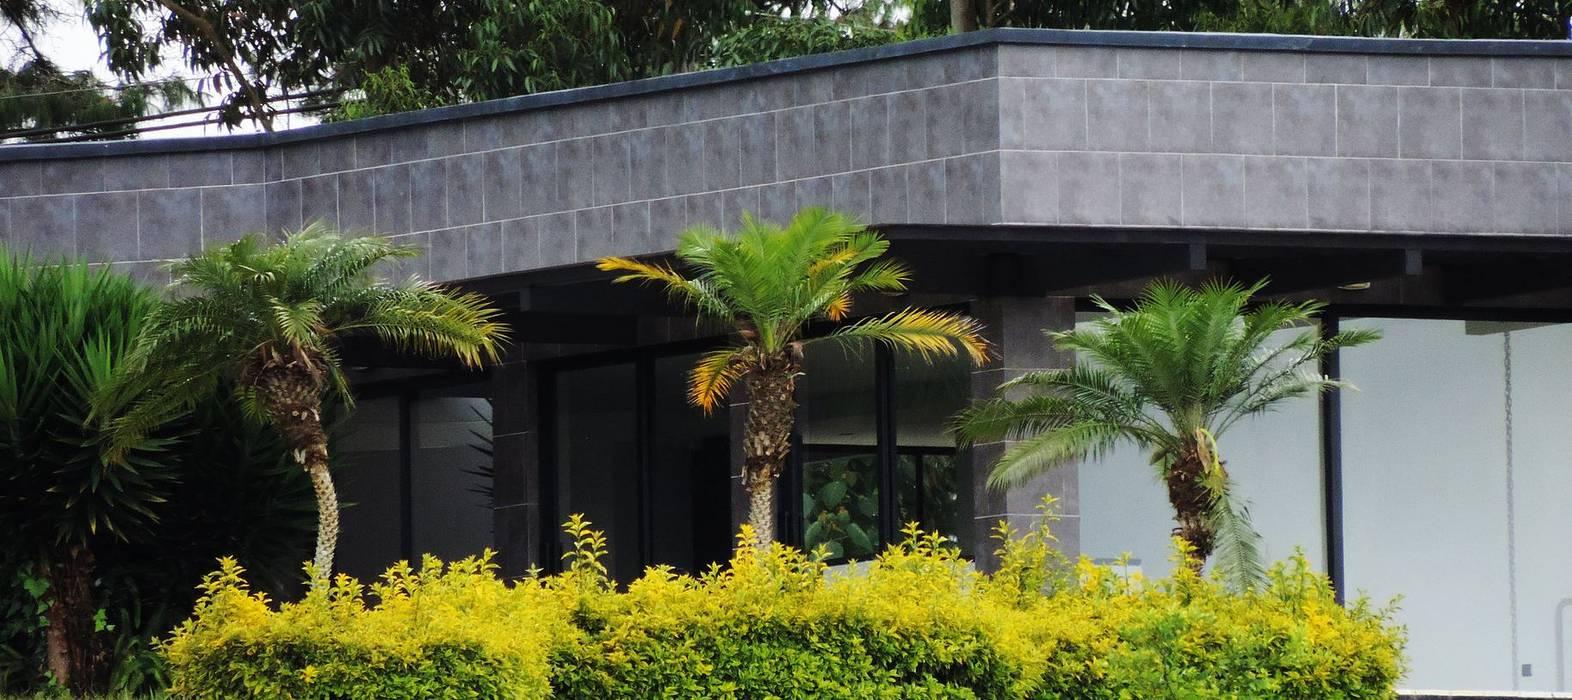 CASA PILOTO. Vivienda unifamiliar campestre.: Casas campestres de estilo  por Andrés Hincapíe Arquitectos  A H A